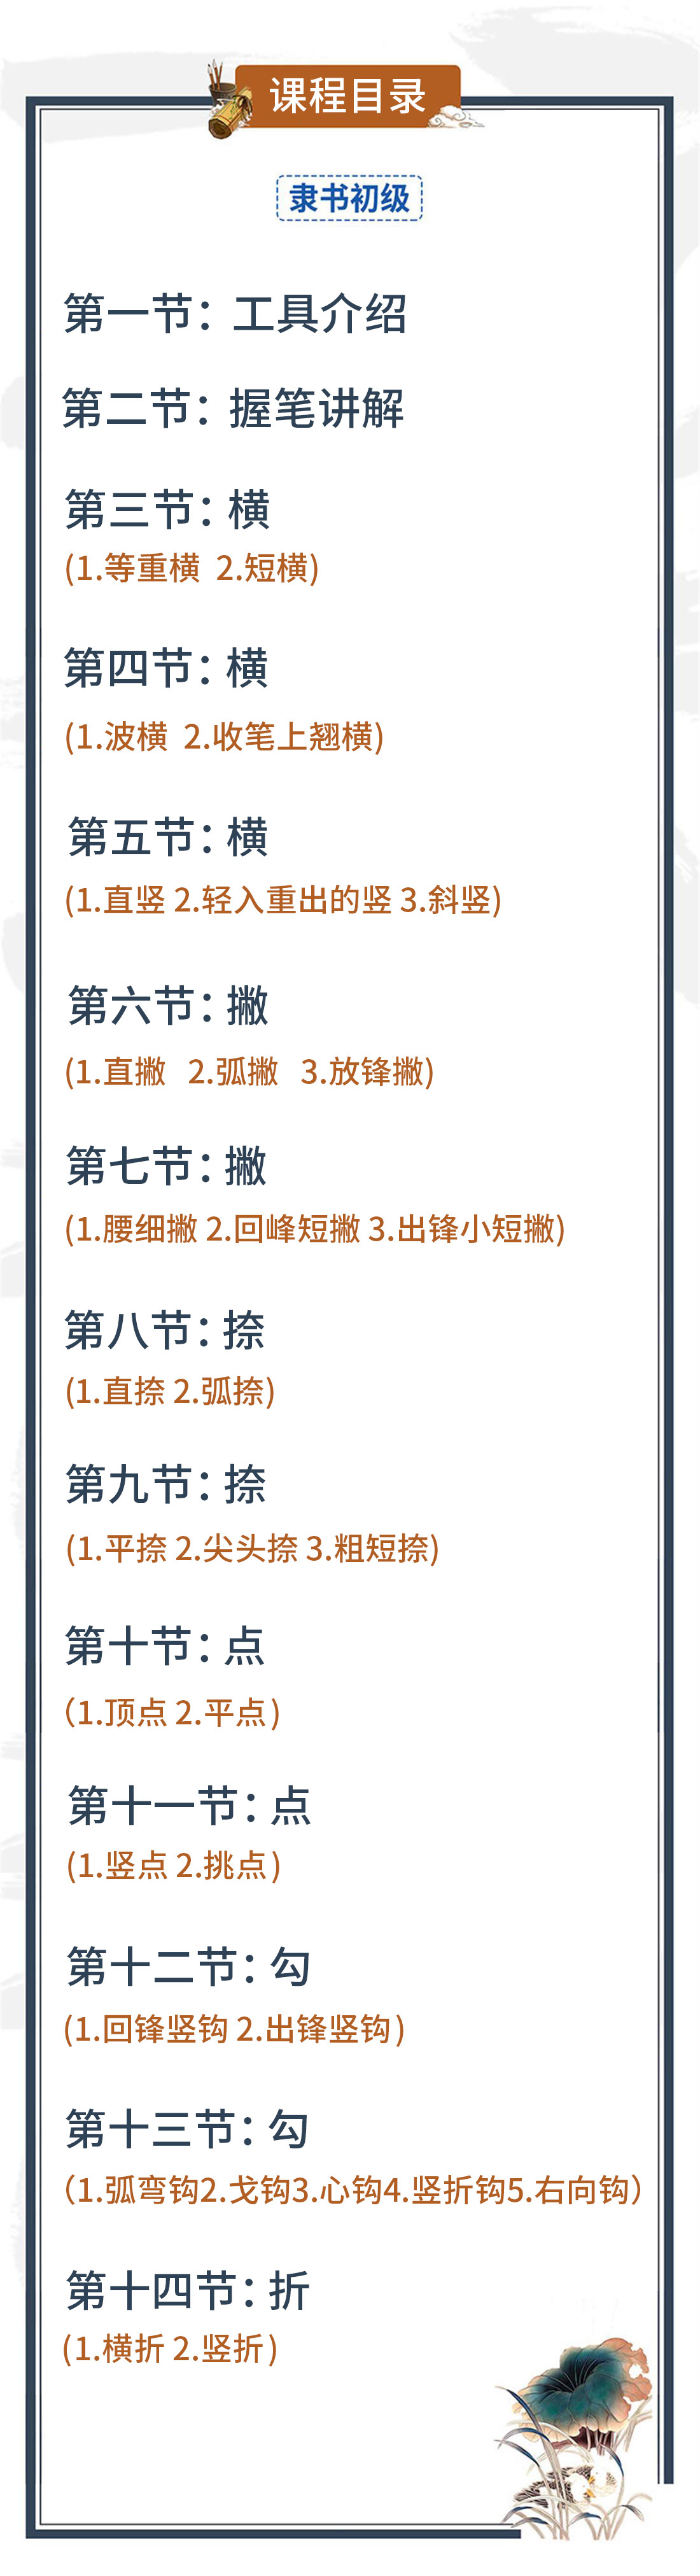 毛笔初_1100_04